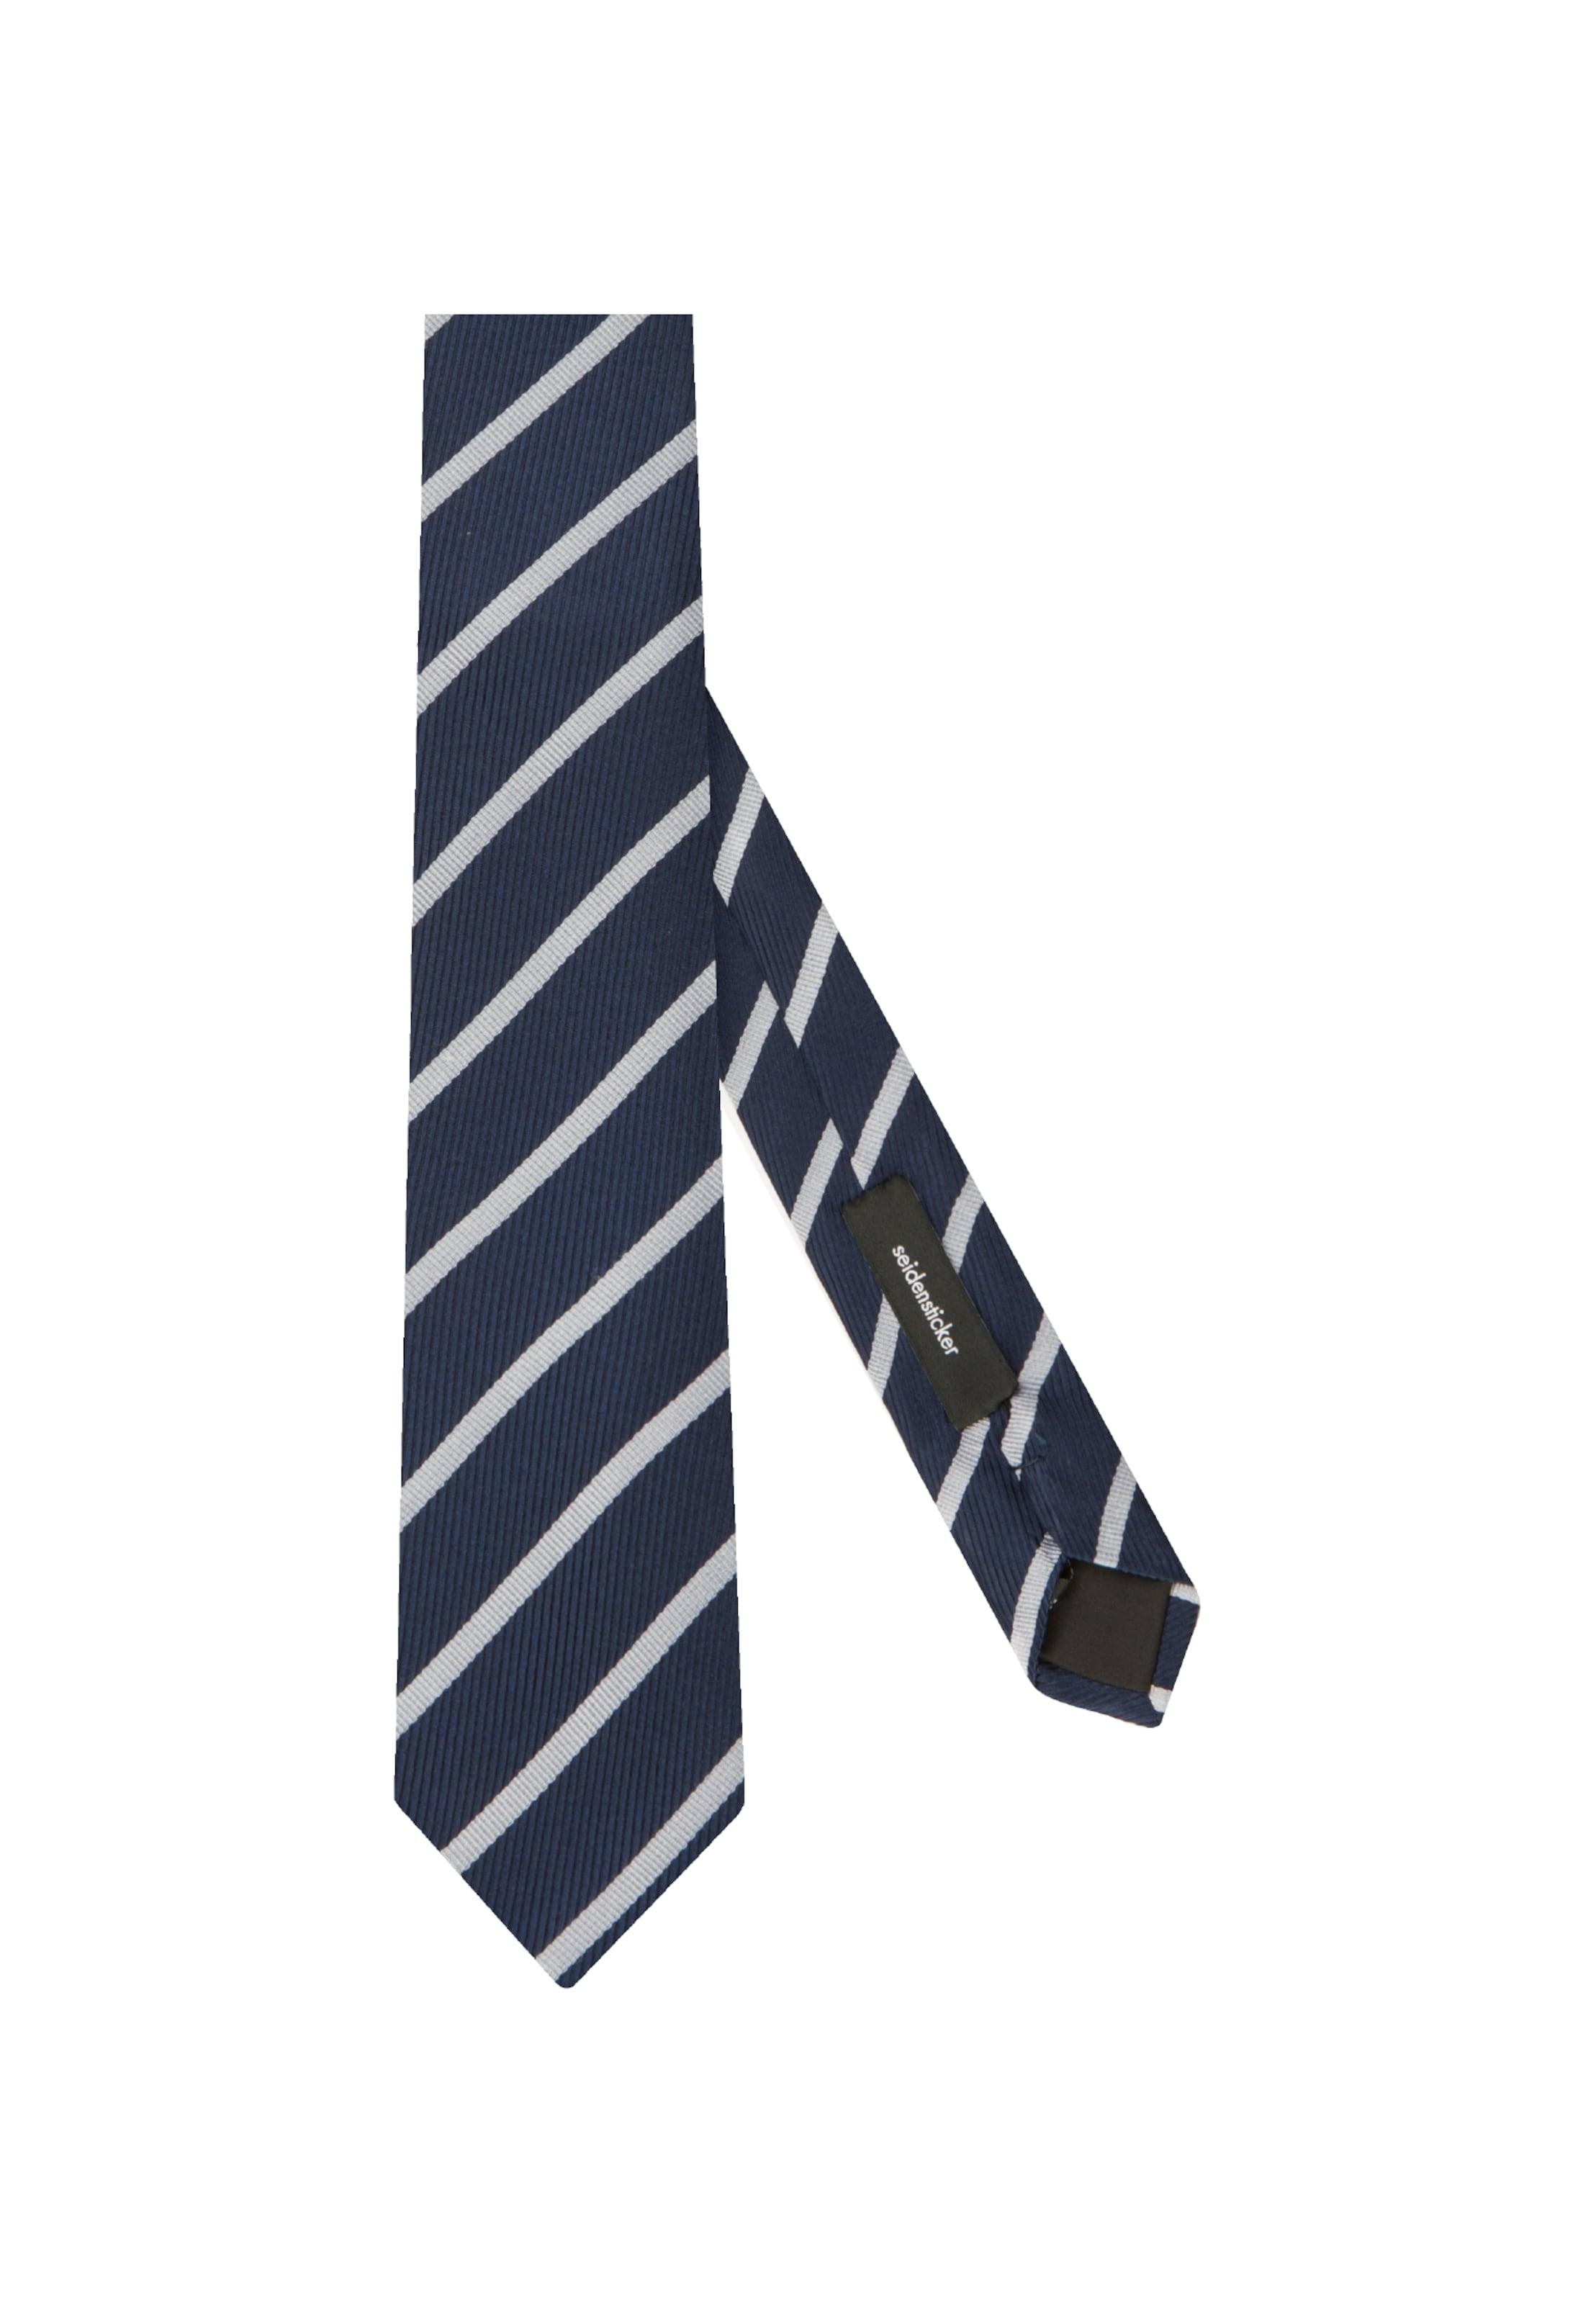 Krawatte DunkelblauWeiß In Seidensticker Rose' 'schwarze OuwikXlPZT